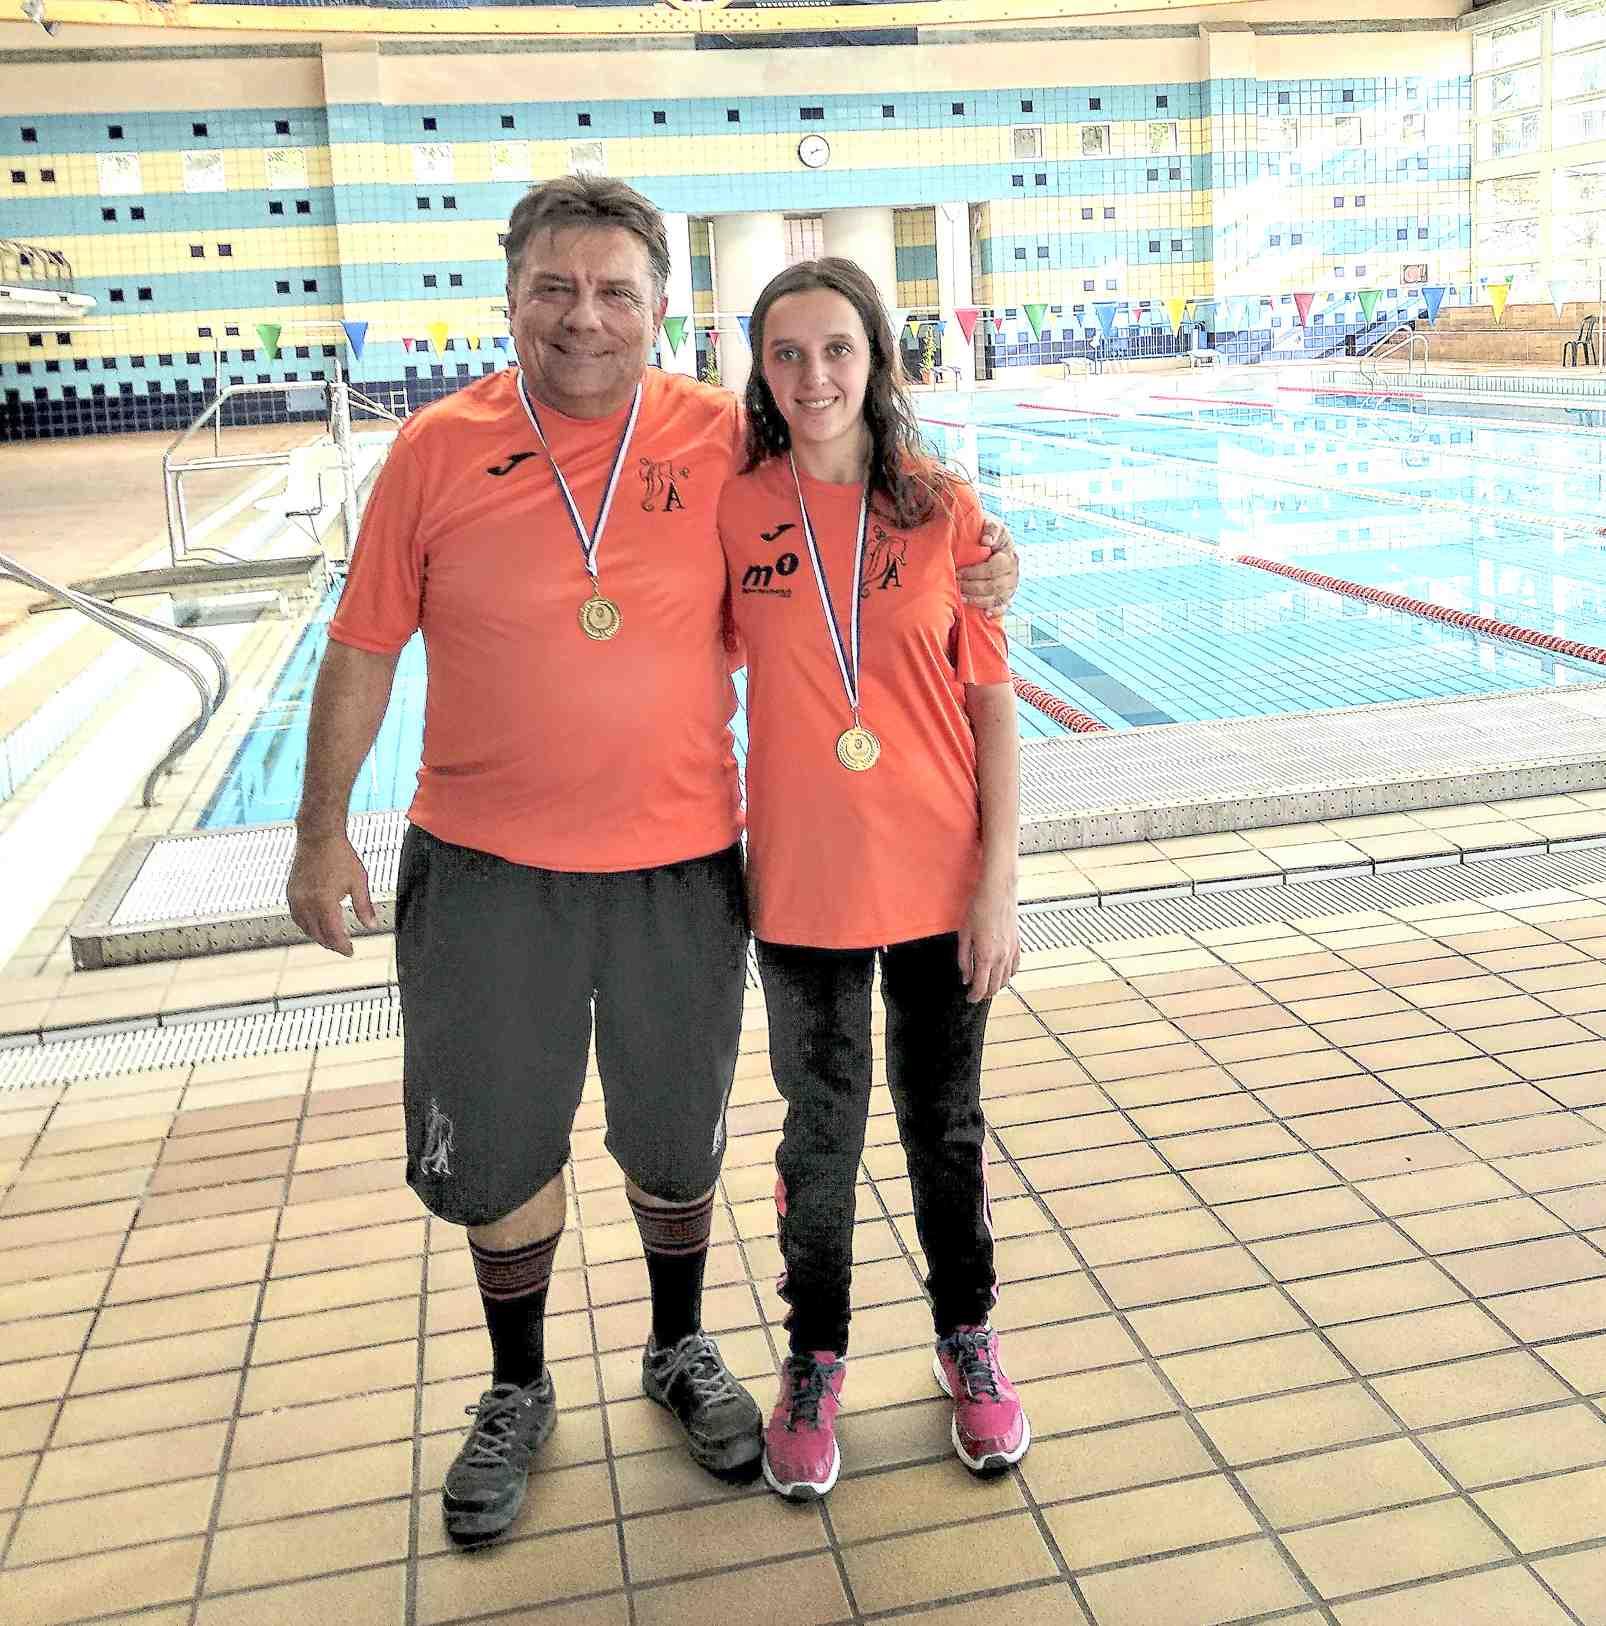 La nadadora castelluda Macarena Esteve rep un reconeixement de la FEDDI pels tres subcampionats d'Espanya aconseguits enguany